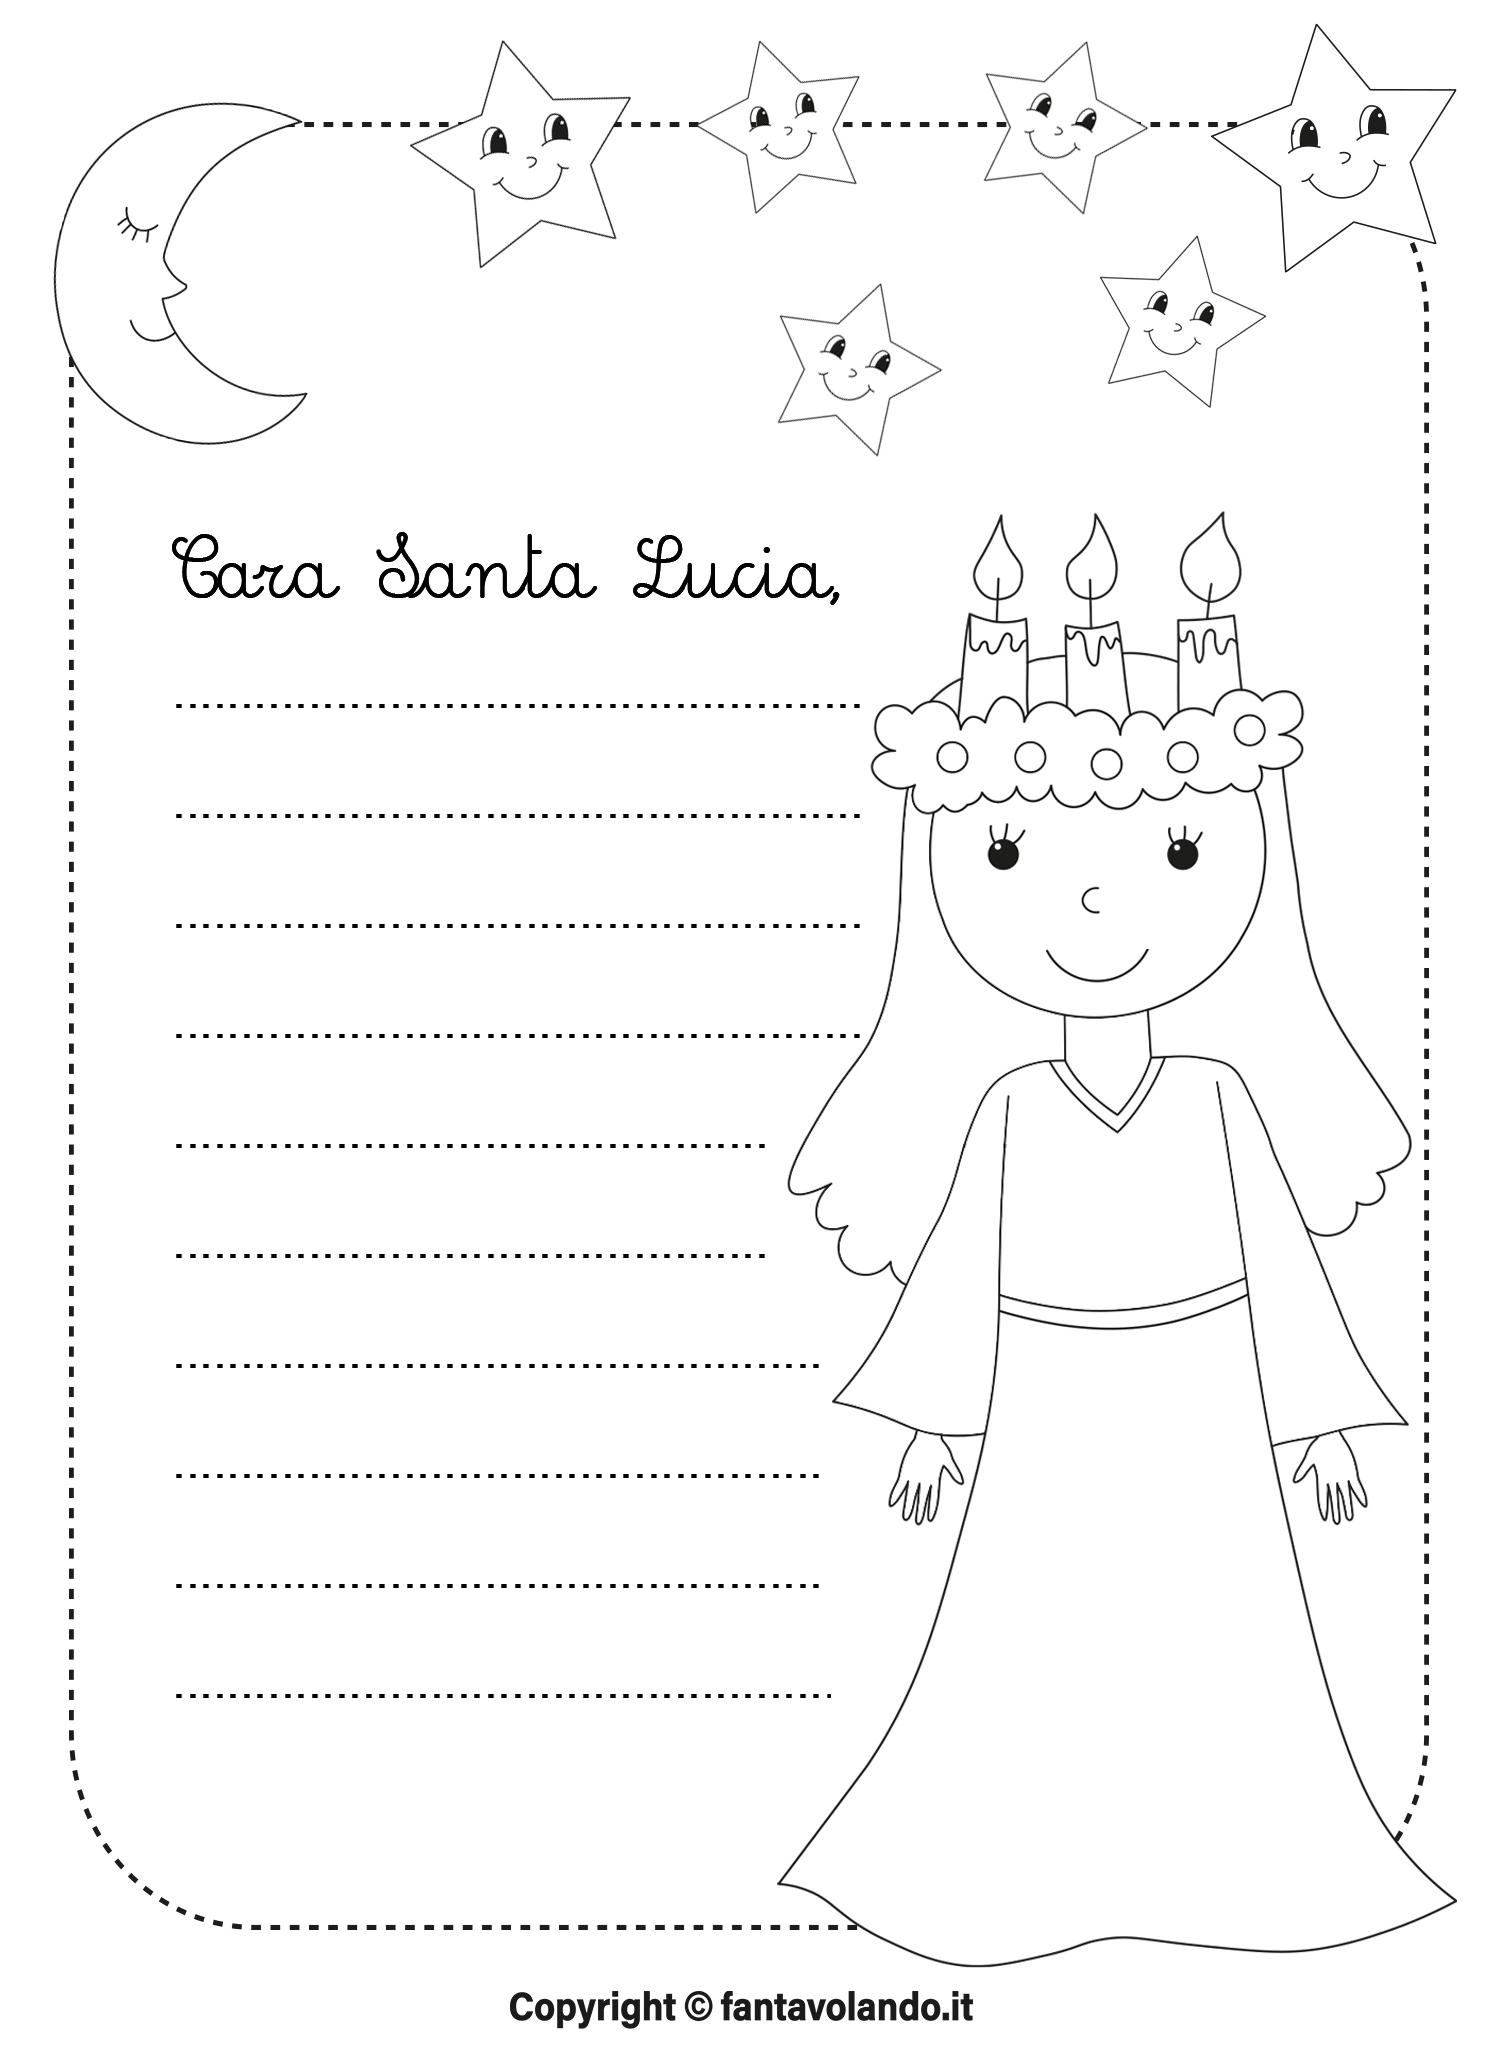 Santa Lucia Poesia E Letterina Fantavolando